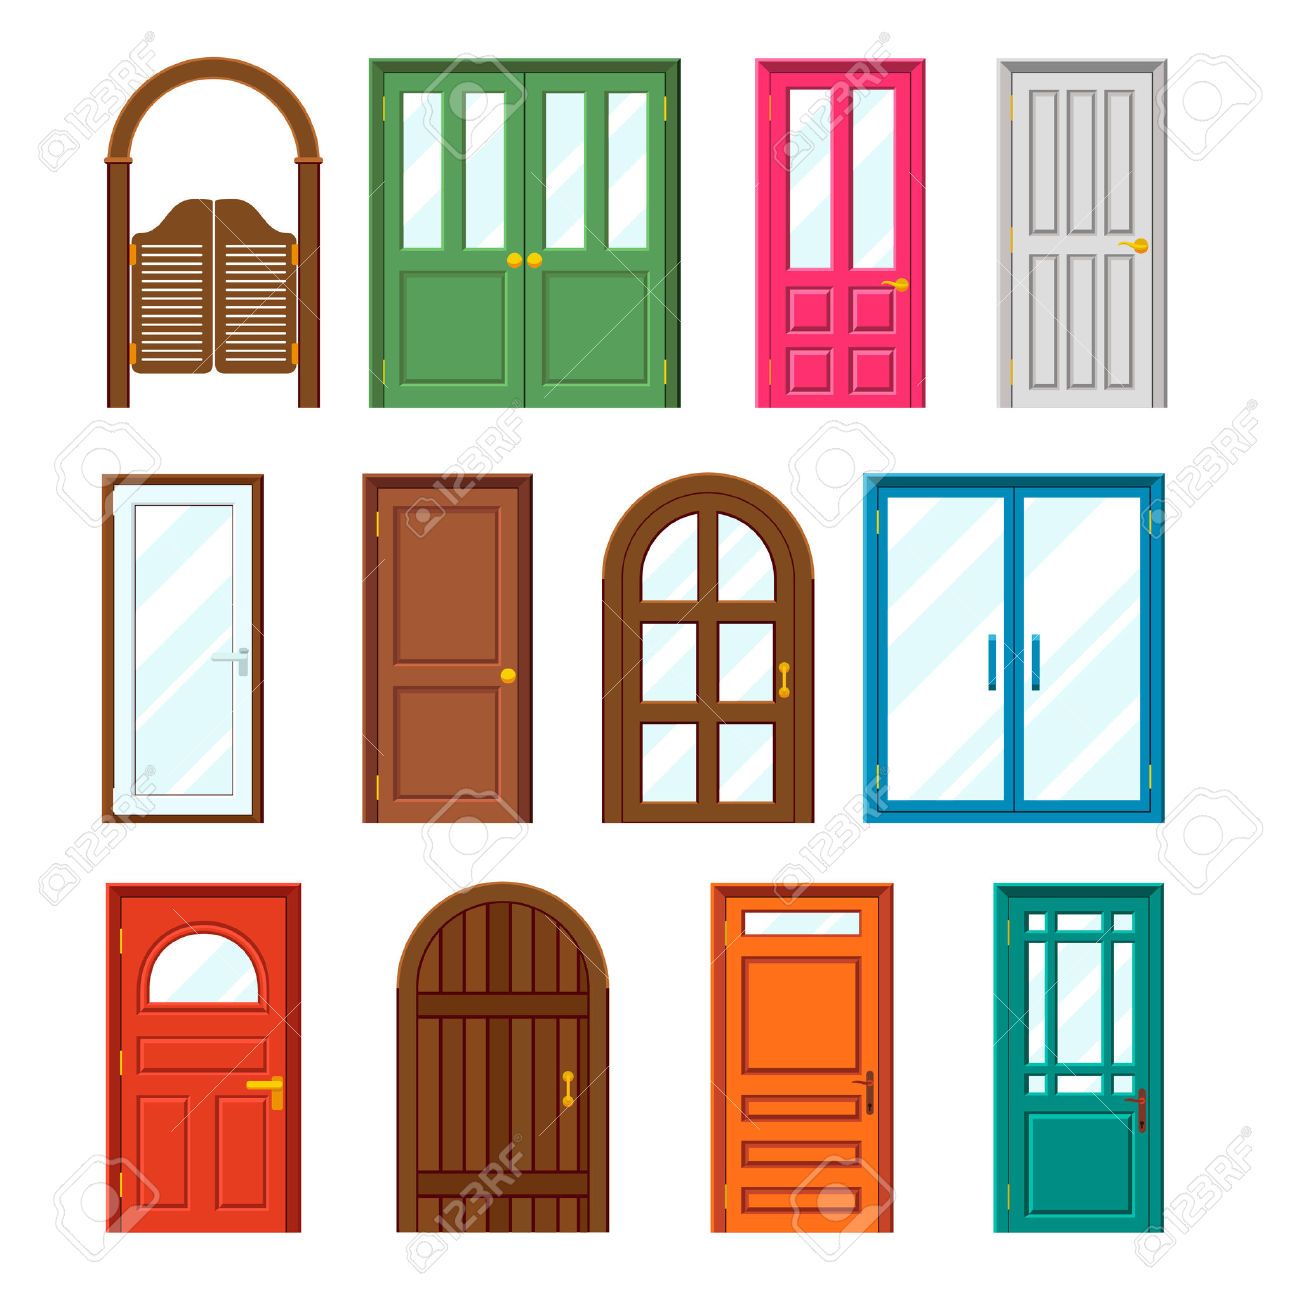 Doorway clipart front door #4